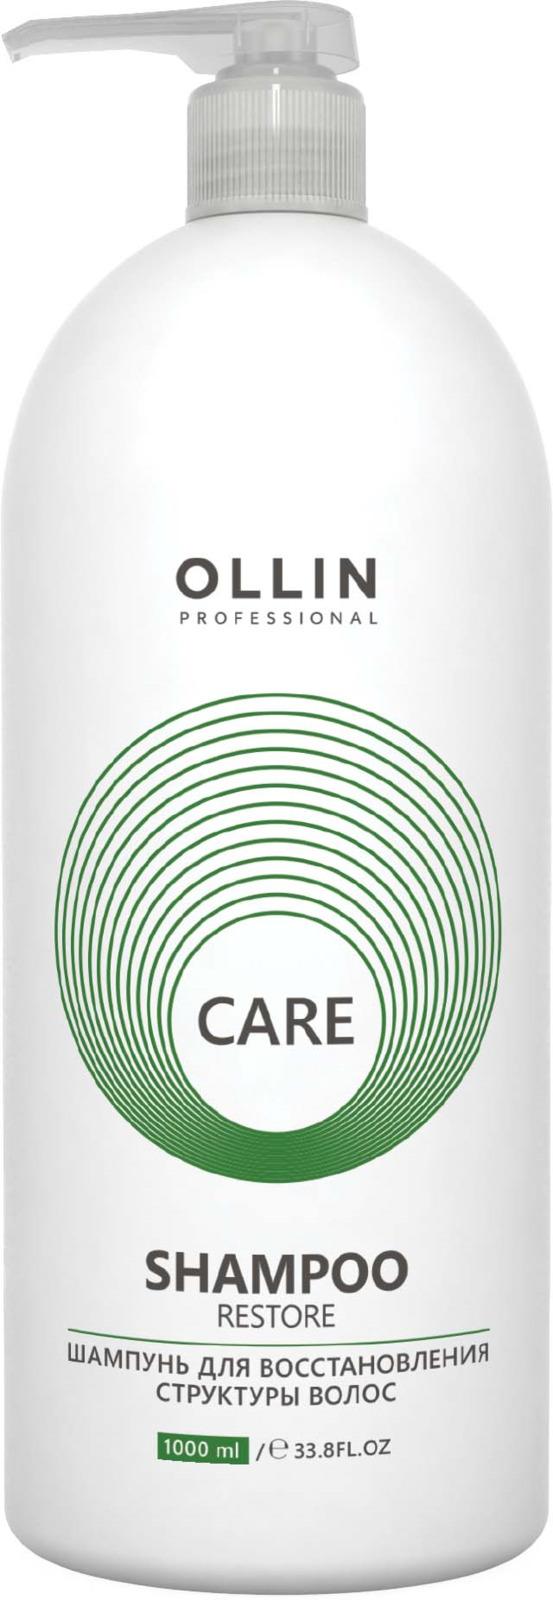 Ollin Шампунь для восстановления структуры волос Care Restore Shampoo 1000 мл цены